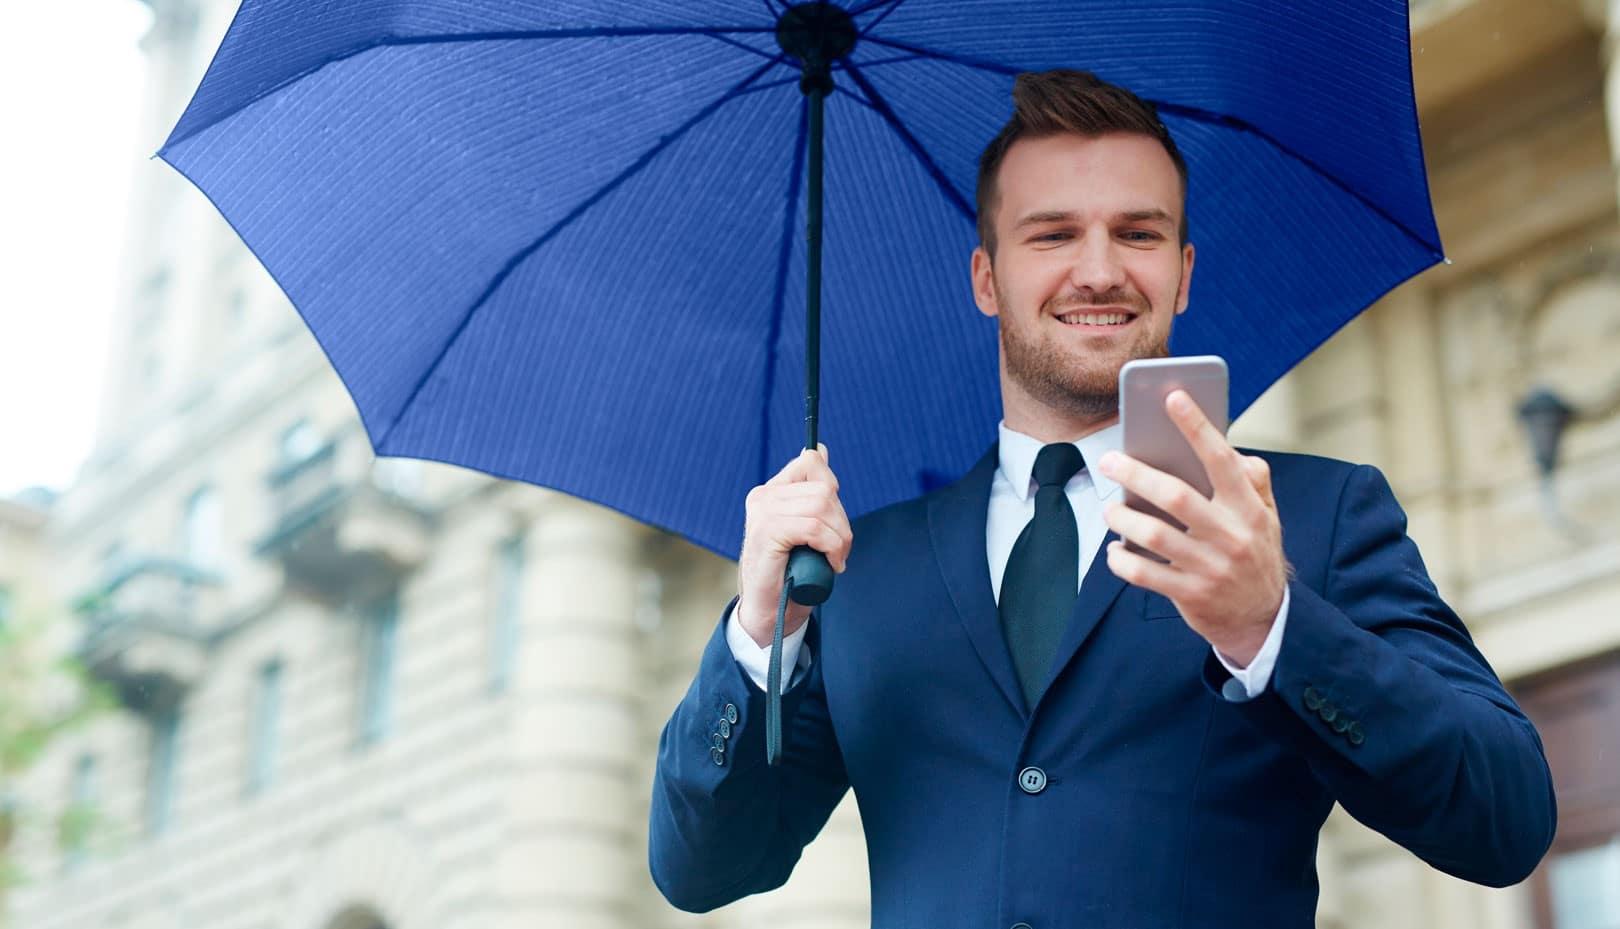 YEL ja kevytyrittäjyys. Mies selaa puhelinta sateenvarjon alla